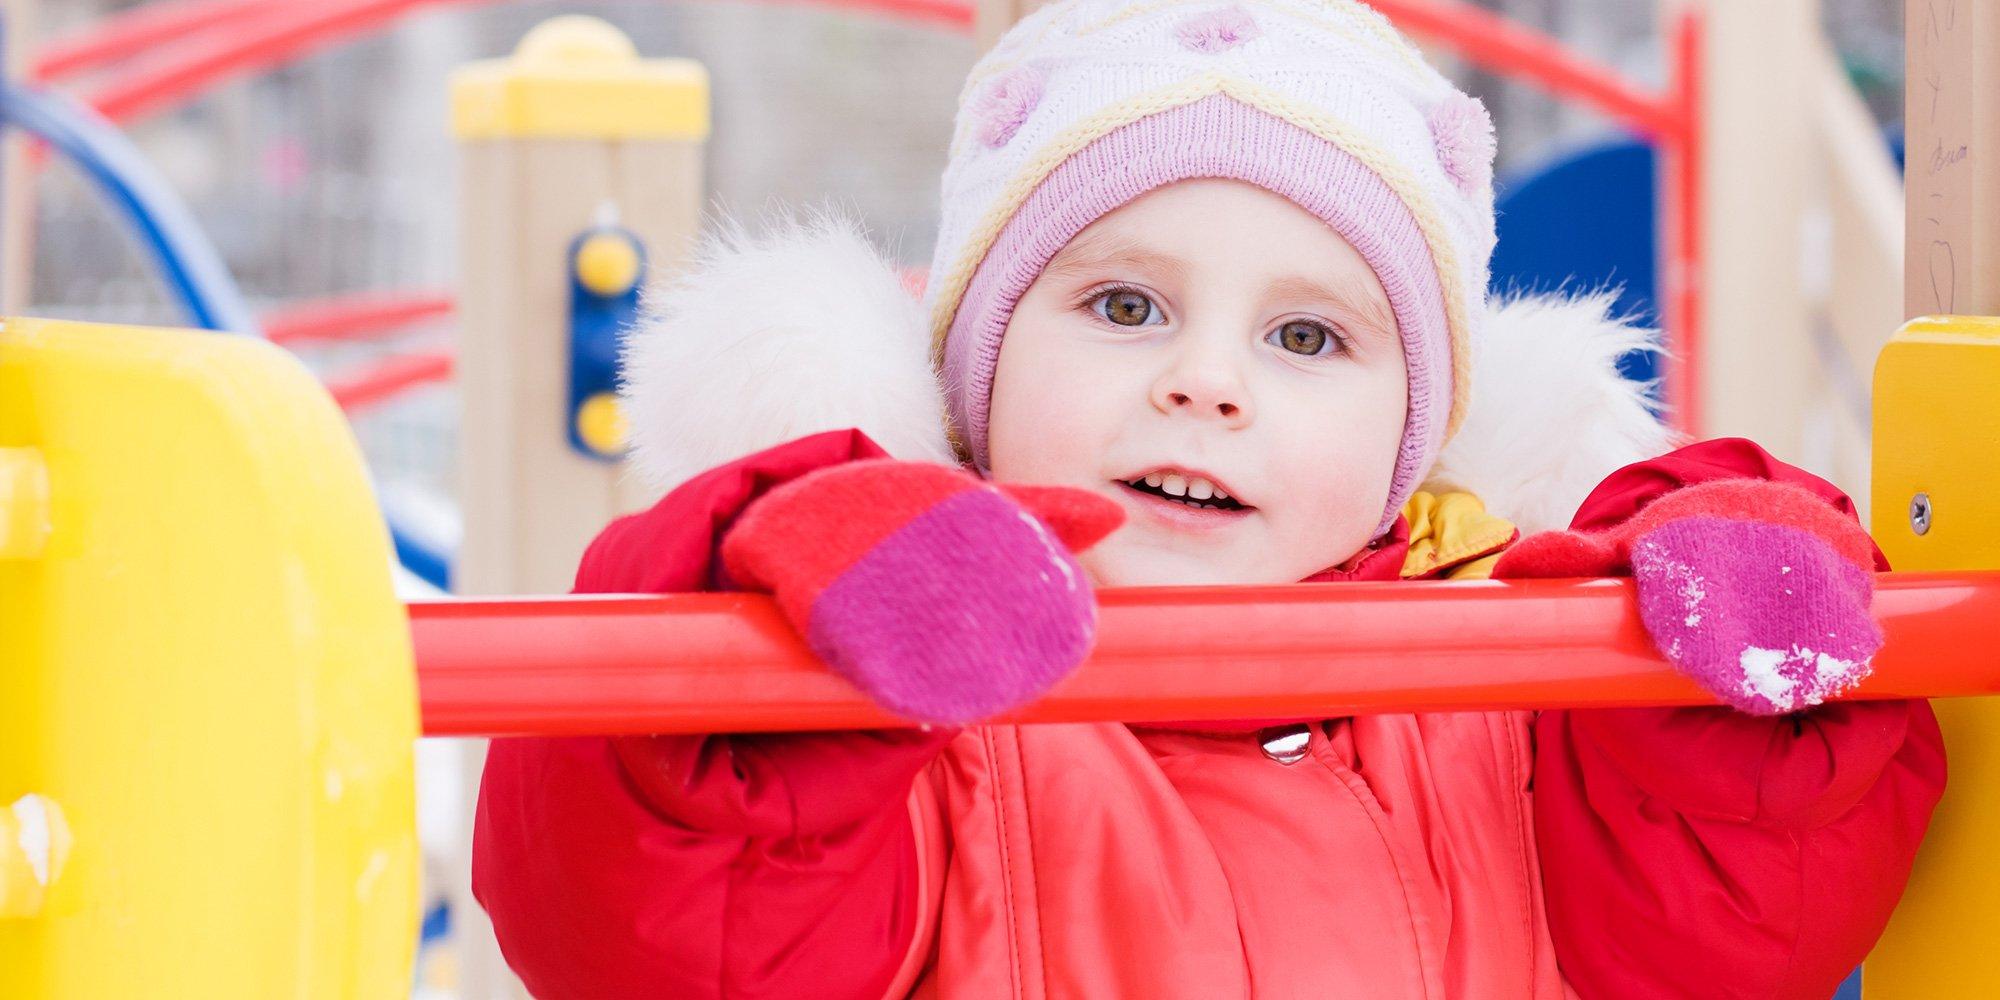 Bambino felice gioca fuori della casa in giacca rossa